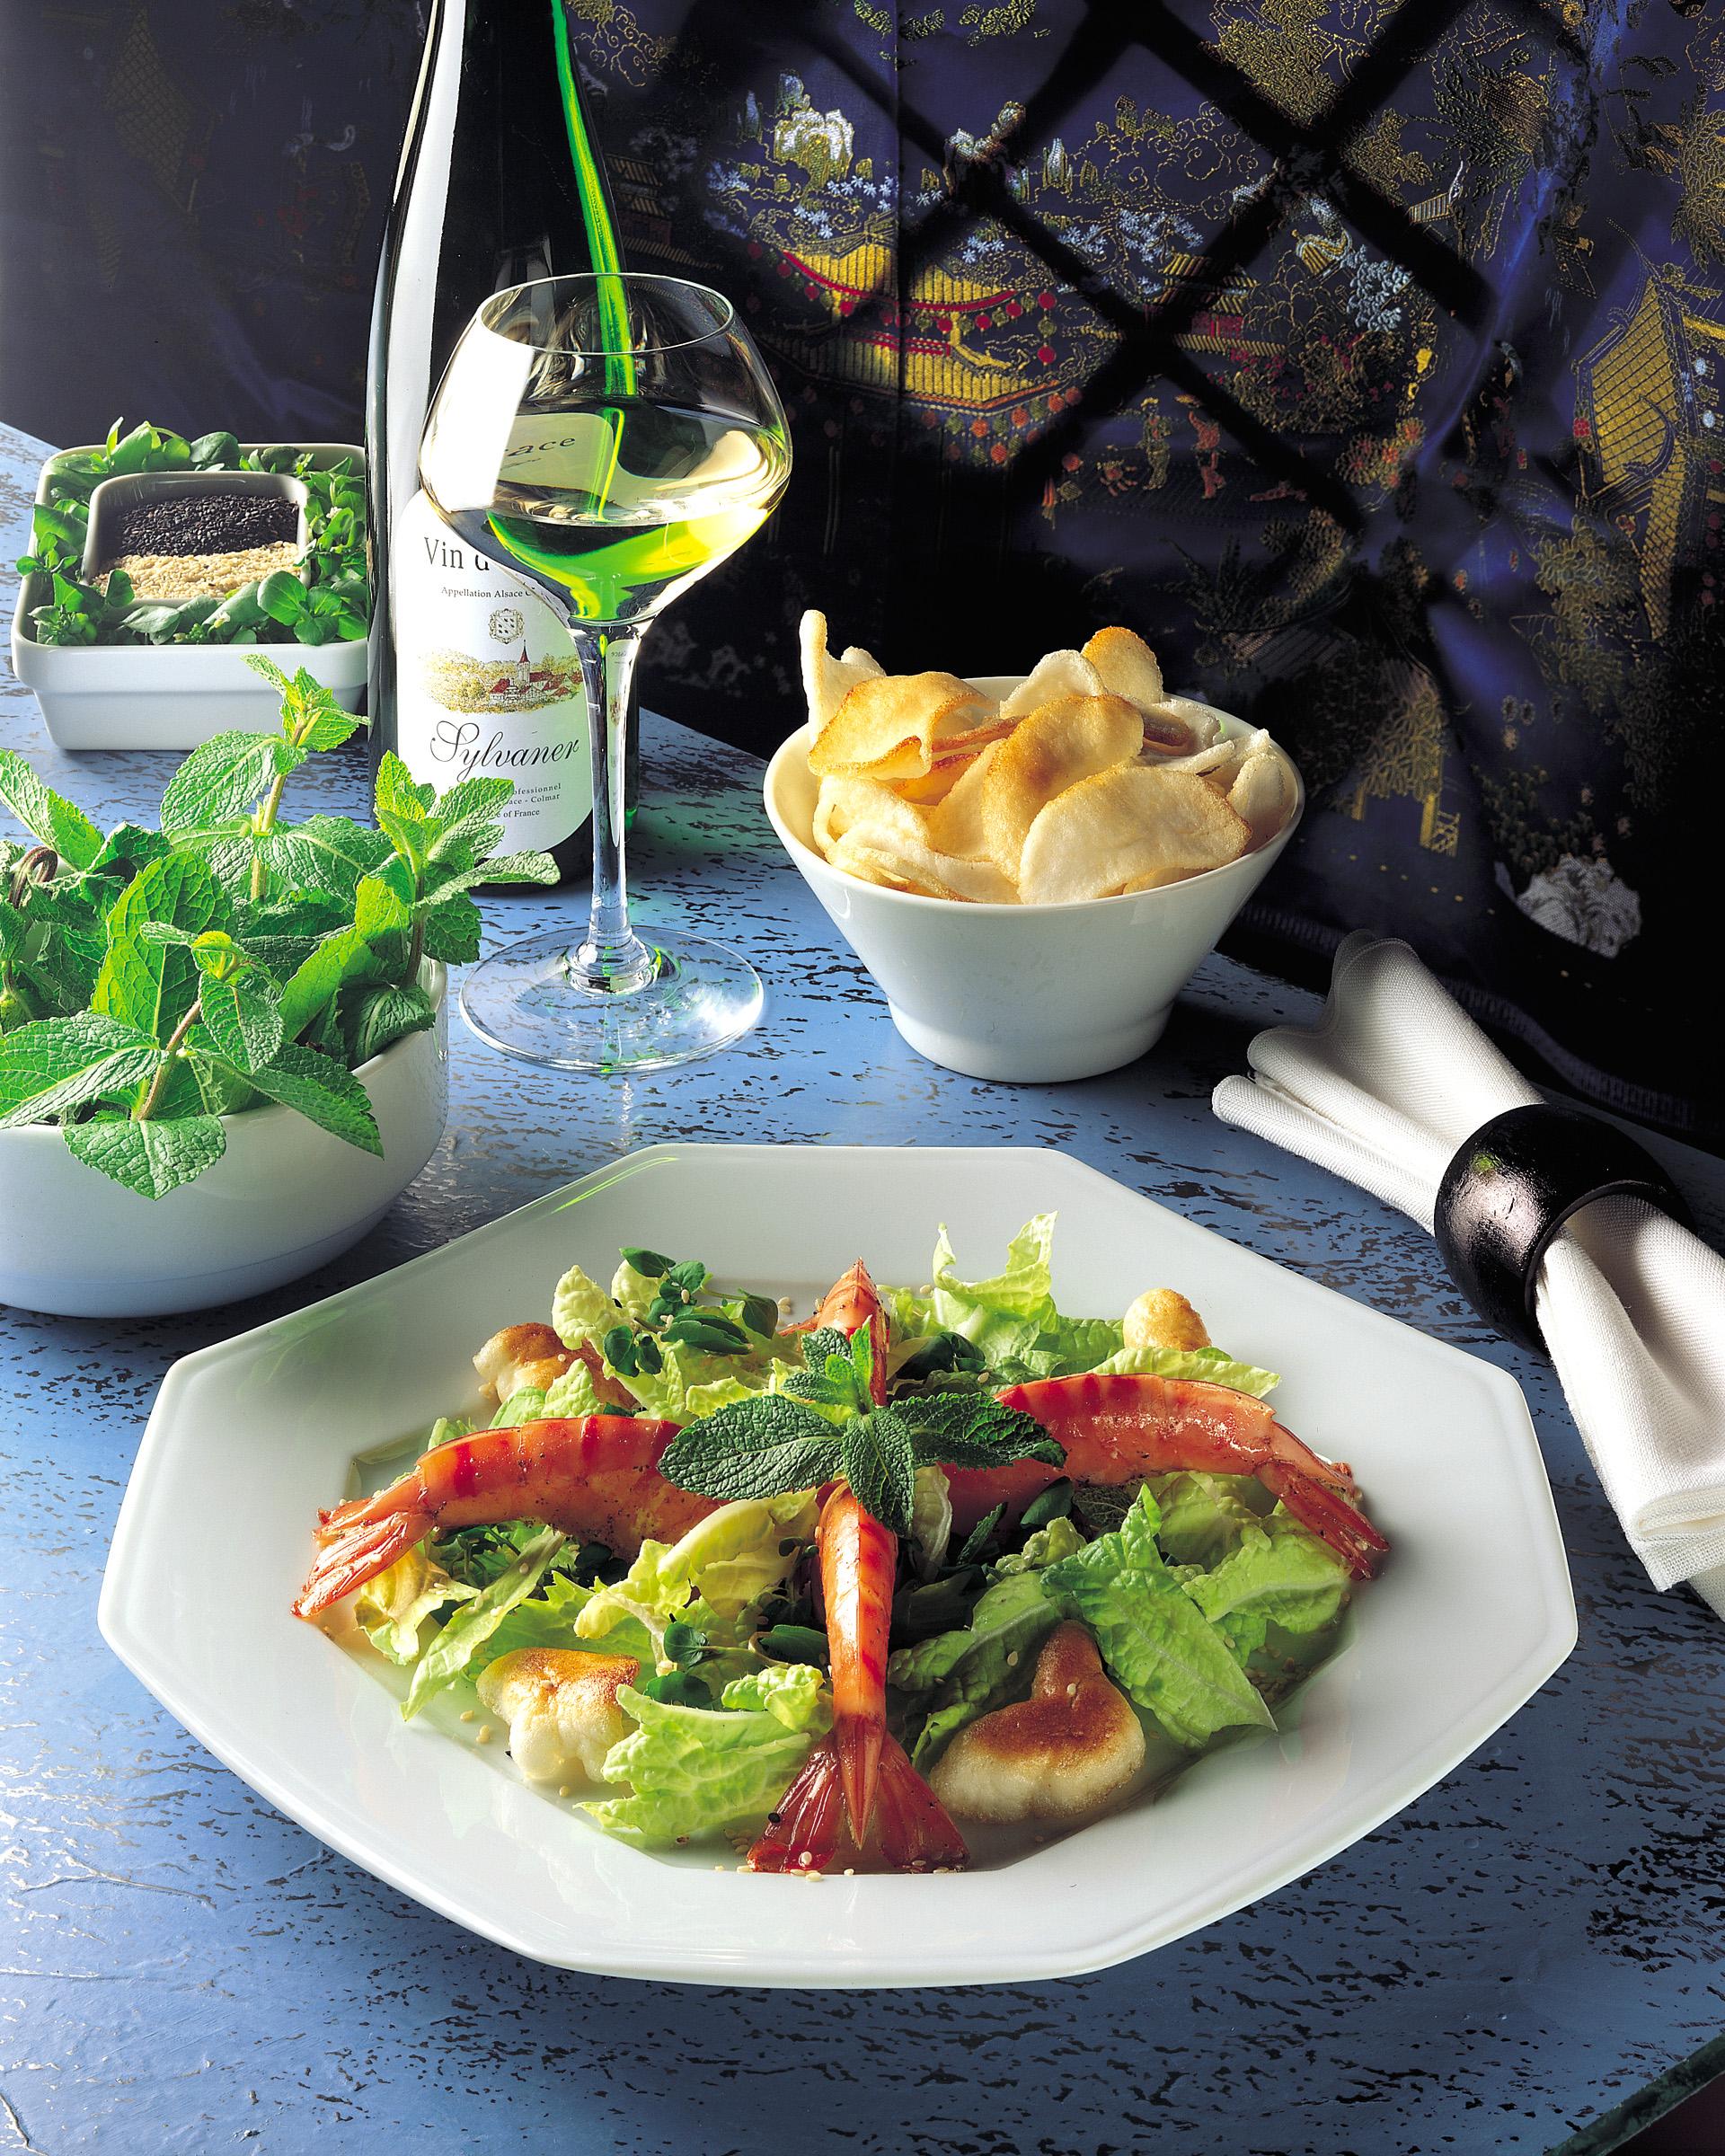 source: Vins d'Alsace